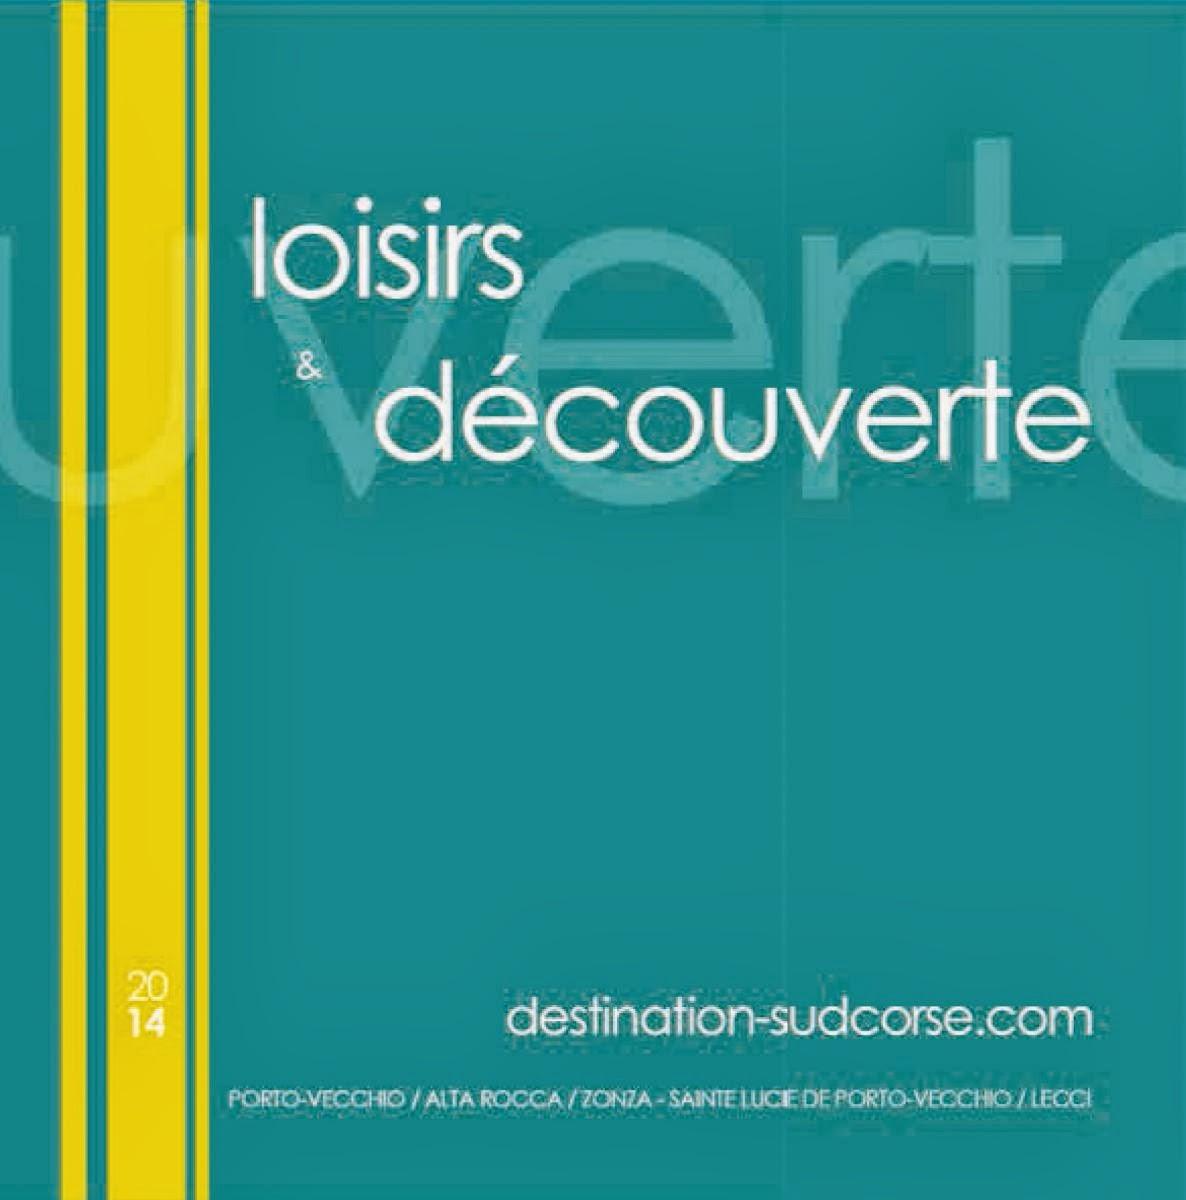 http://www.ot-portovecchio.com/porto-vecchio/sud-corse.php?lang=fr&menu=140